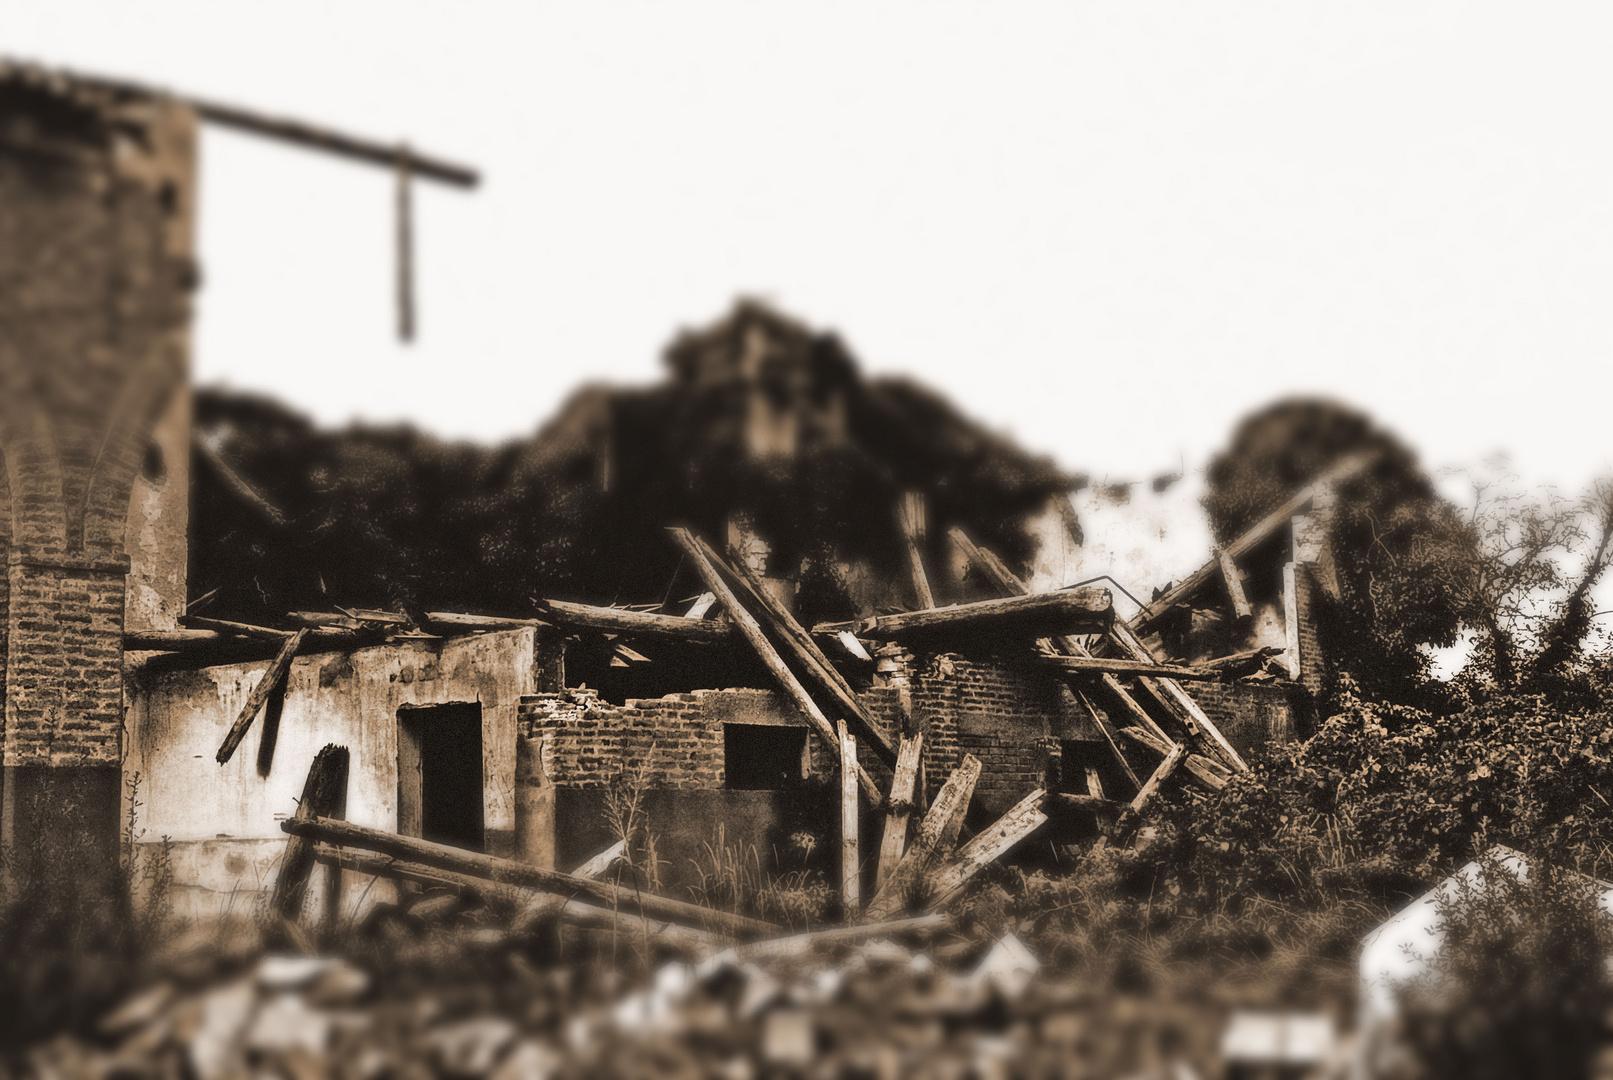 Ruine eines Pferdestalls